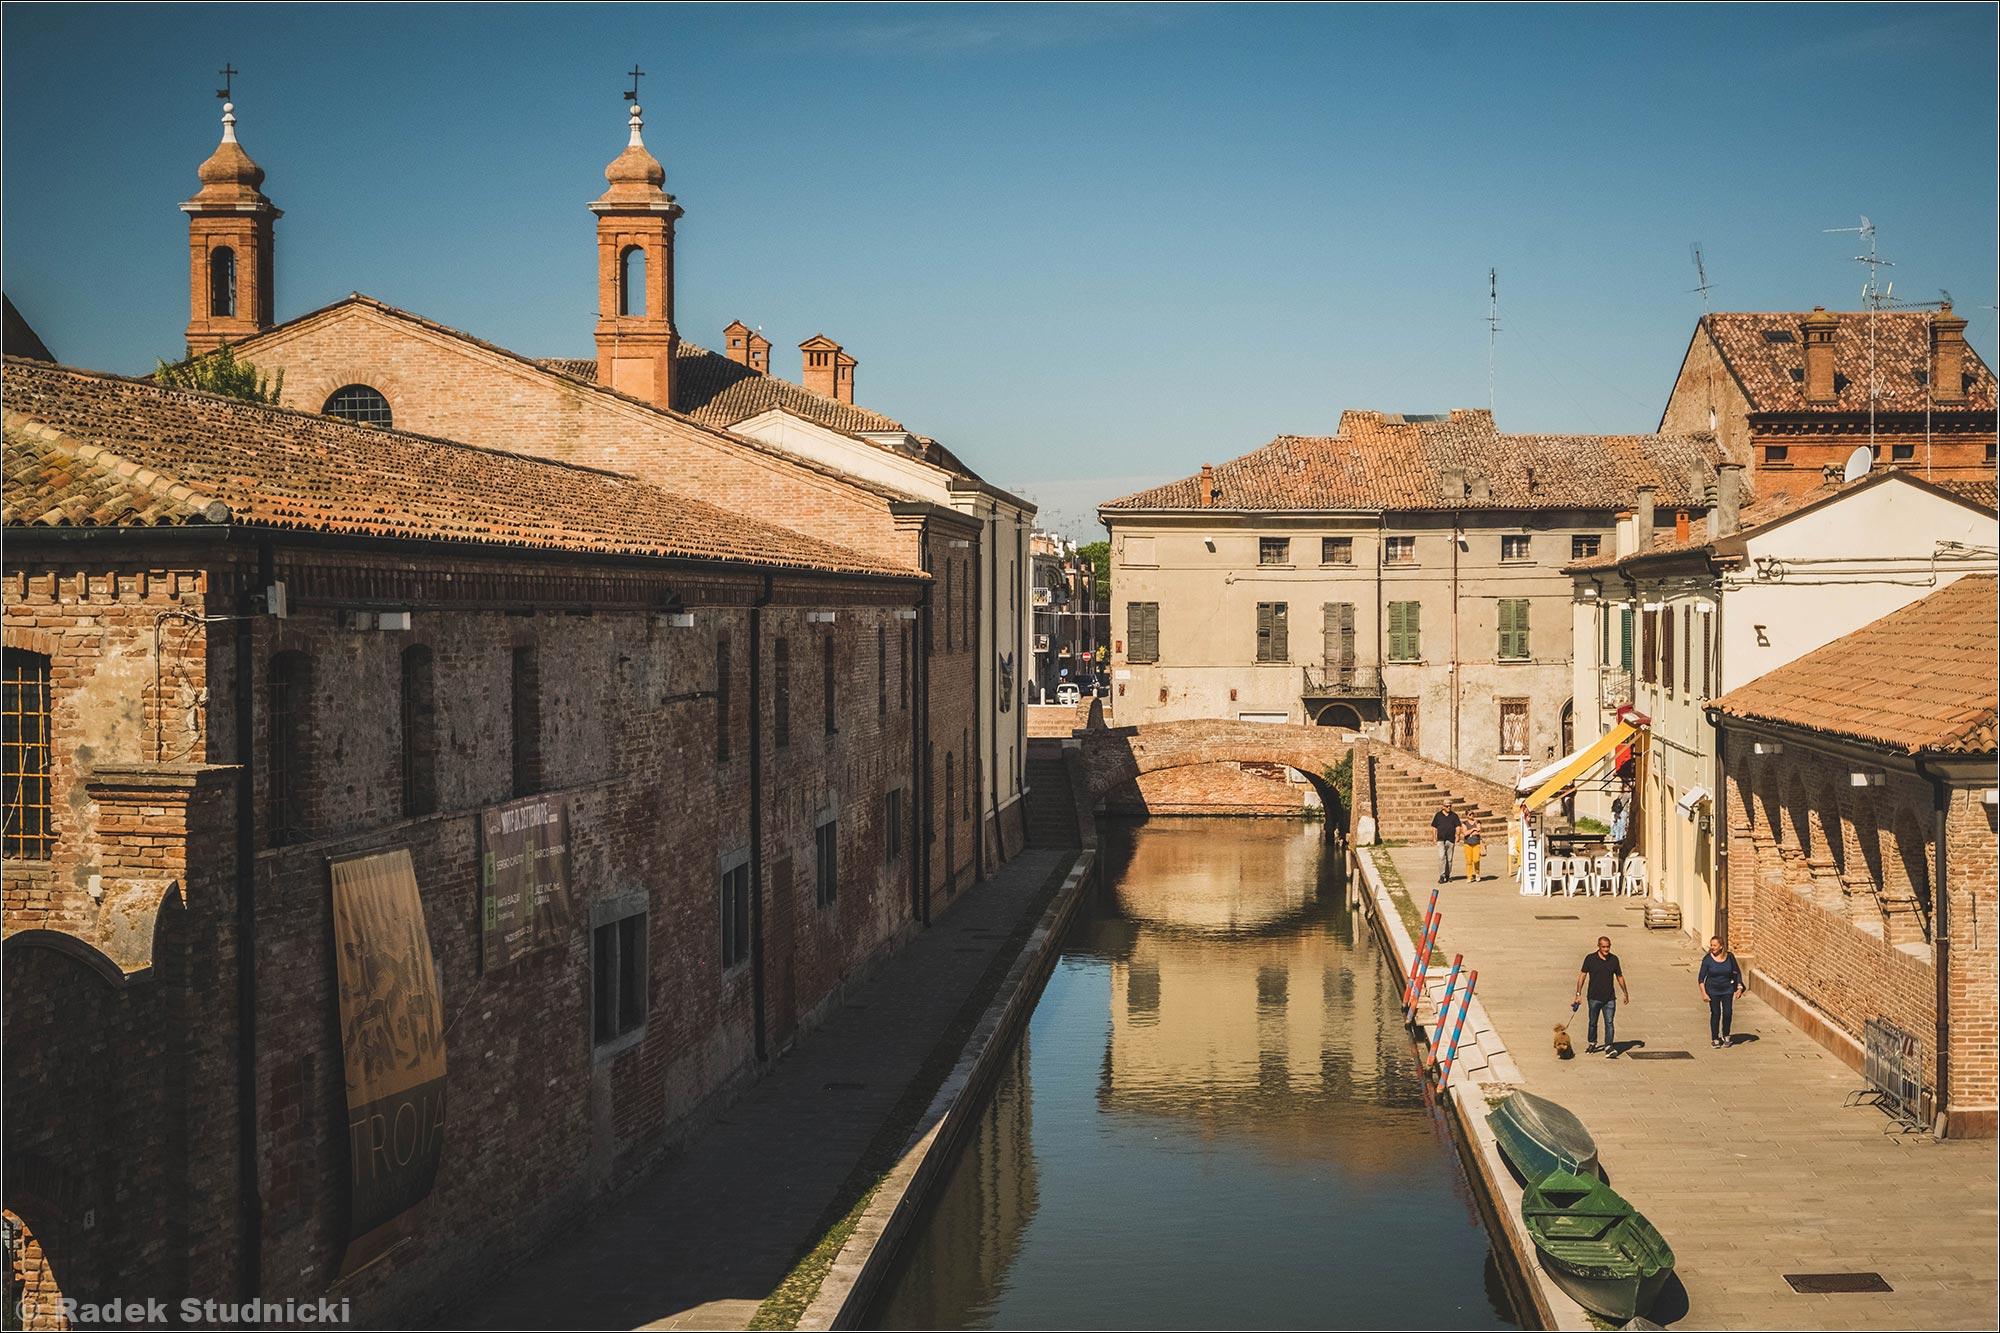 Comacchio, Mała Wenecja